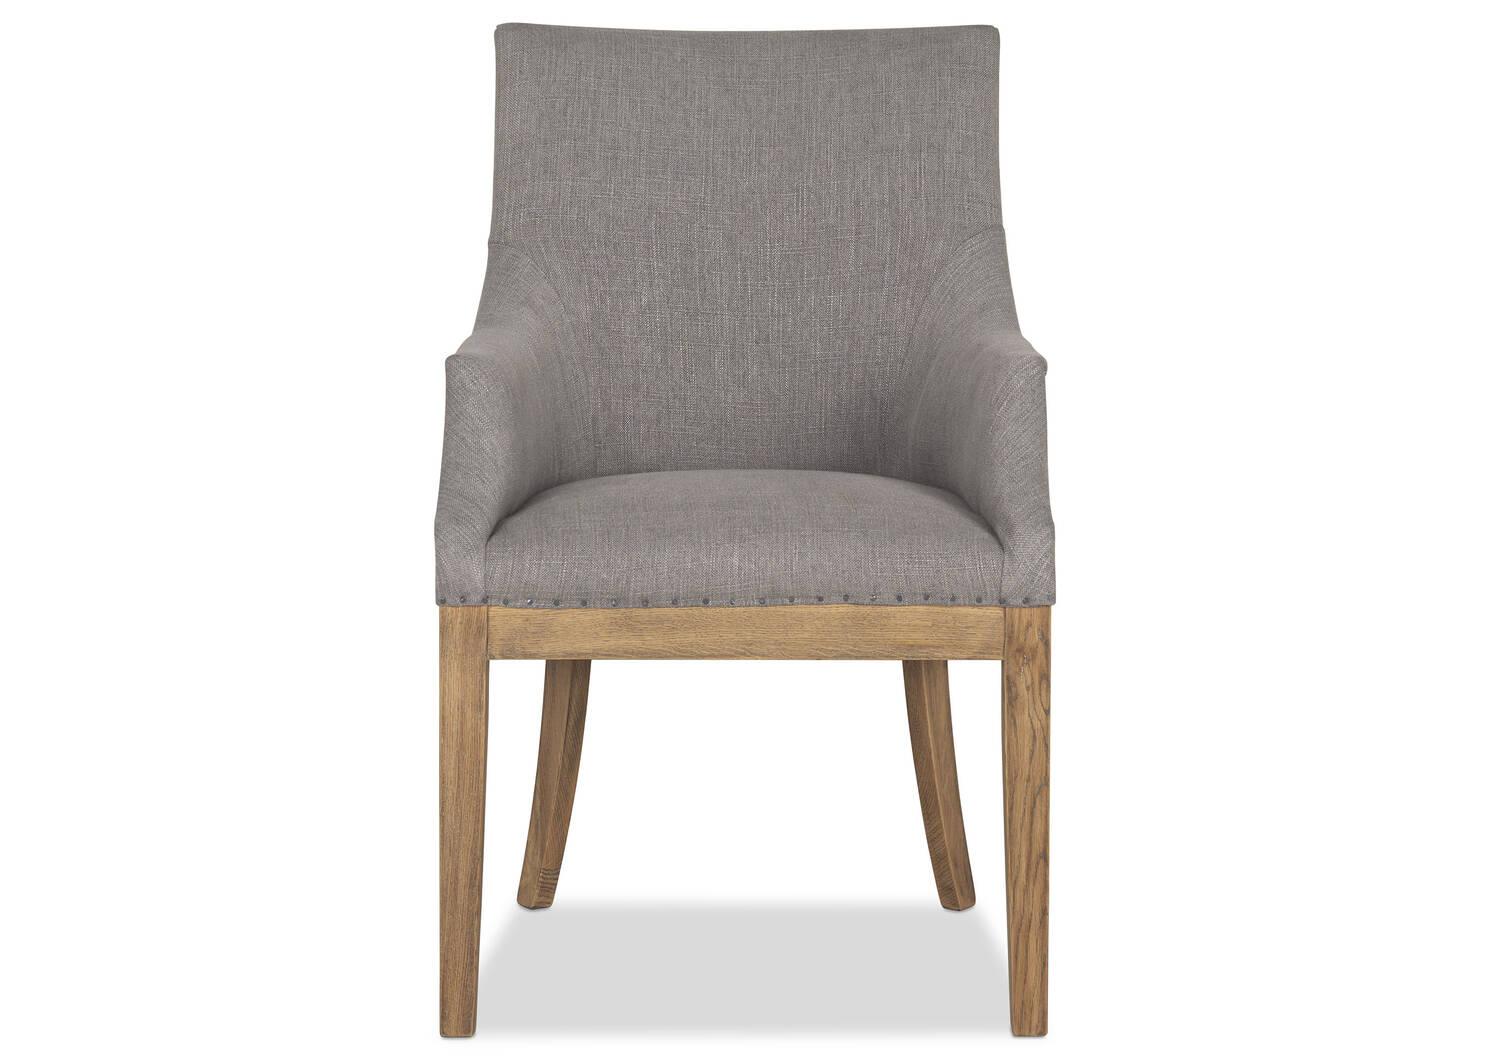 Decatur Host Chair -Nantucket Grey